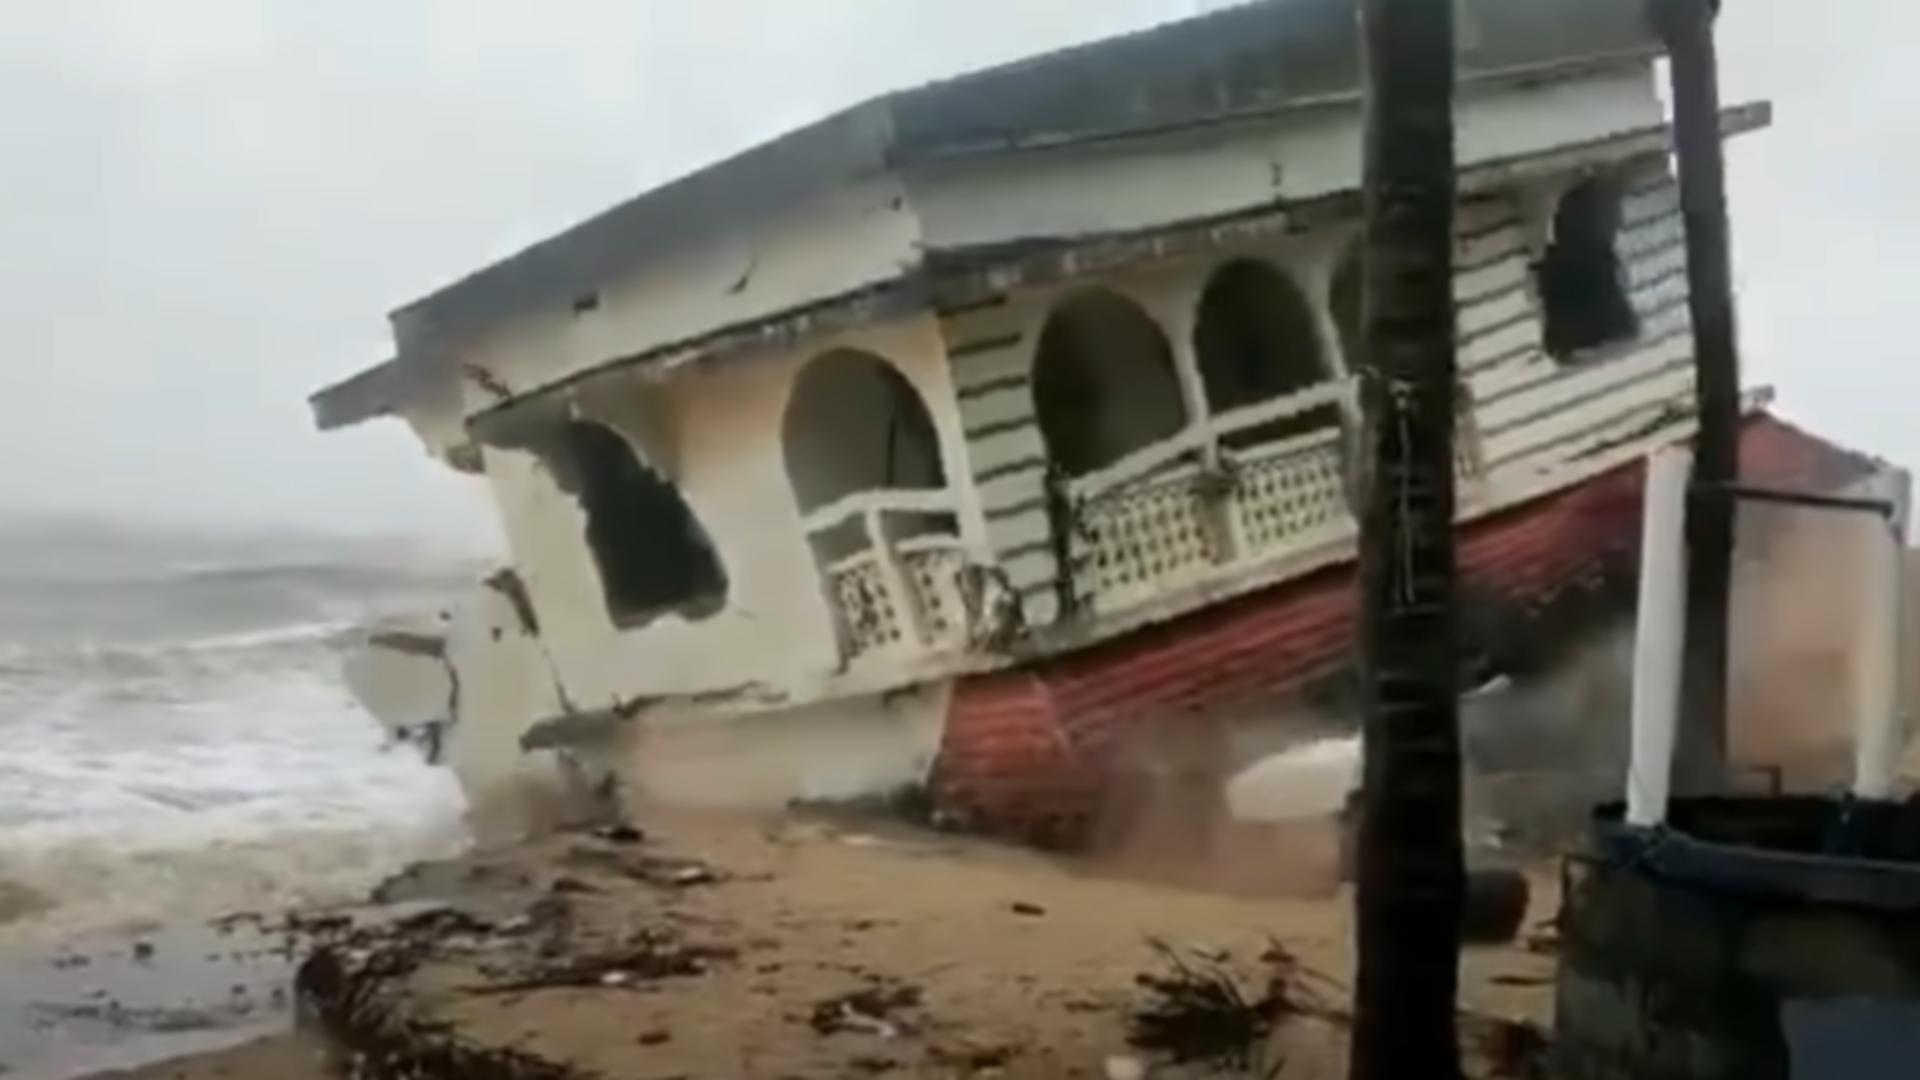 Dezastru în India. Foto: captură YouTube